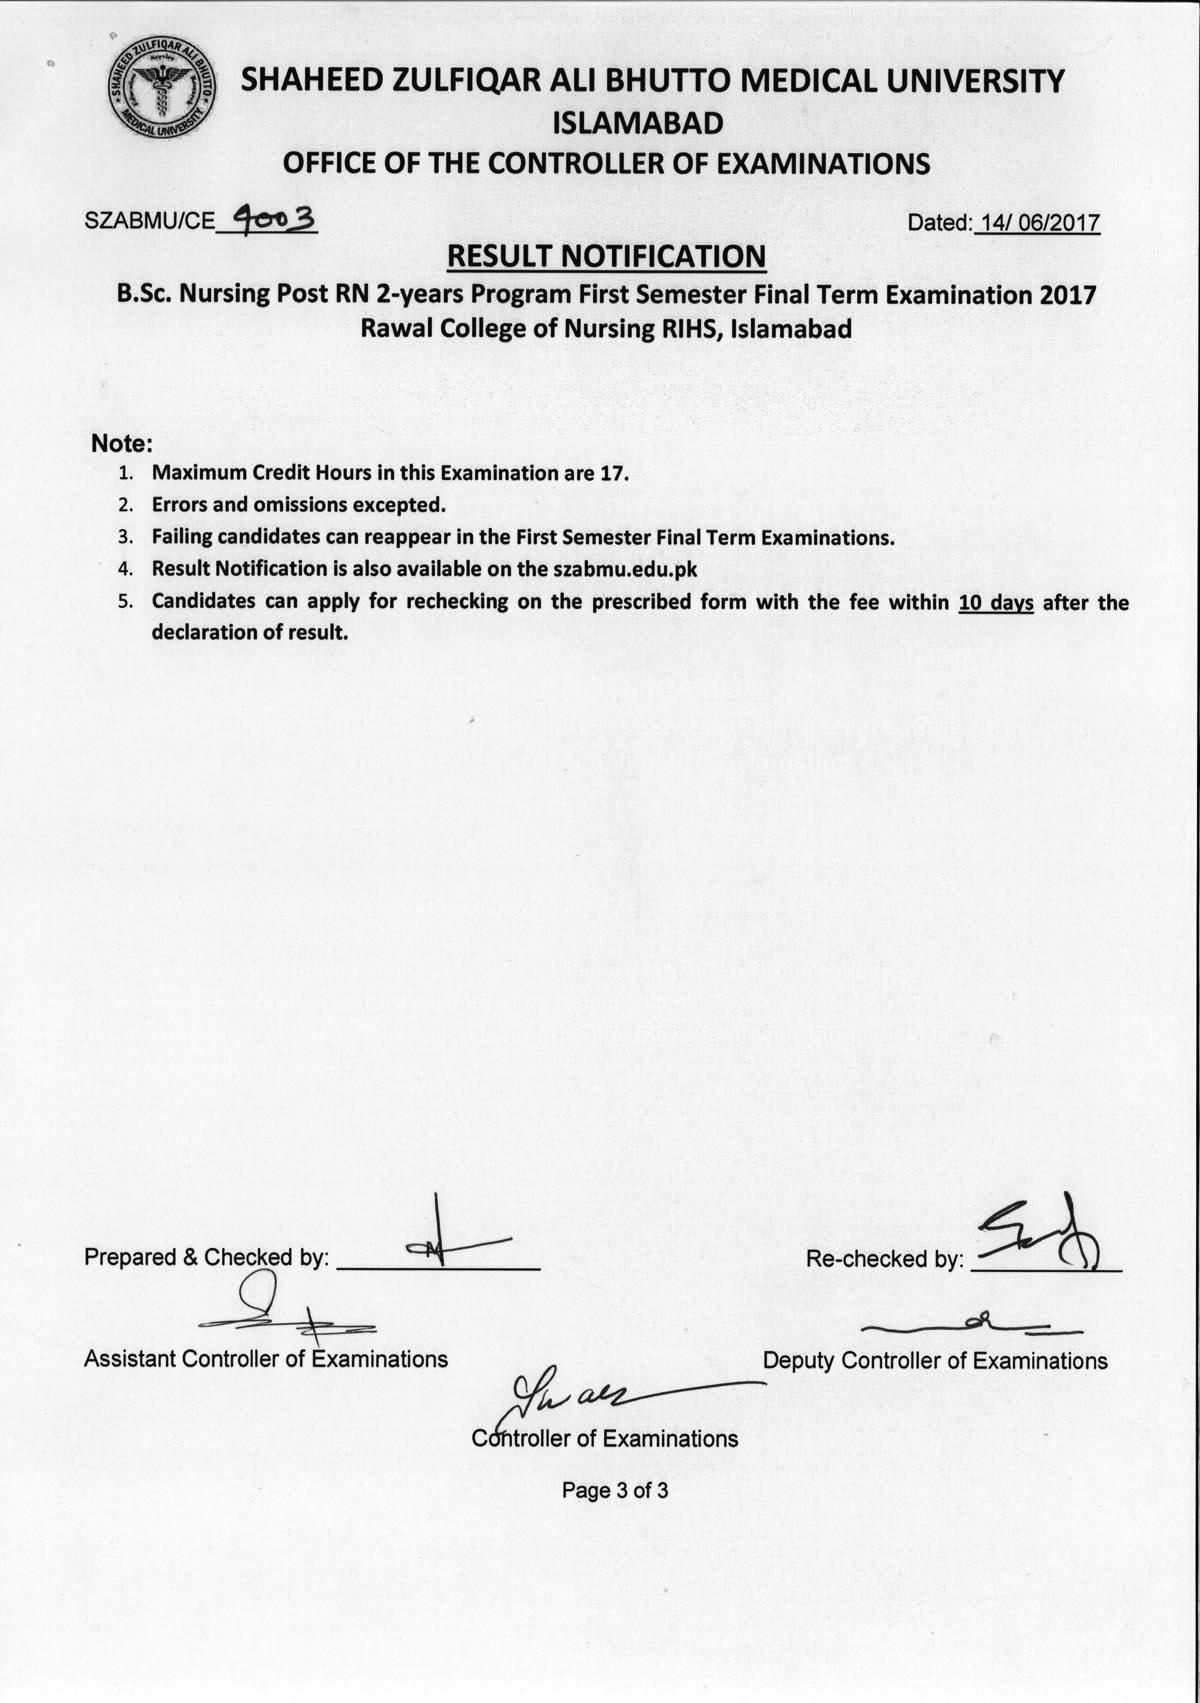 Result Notification - B.Sc. Nursing Post R.N 1st Semester Final Exams 2017